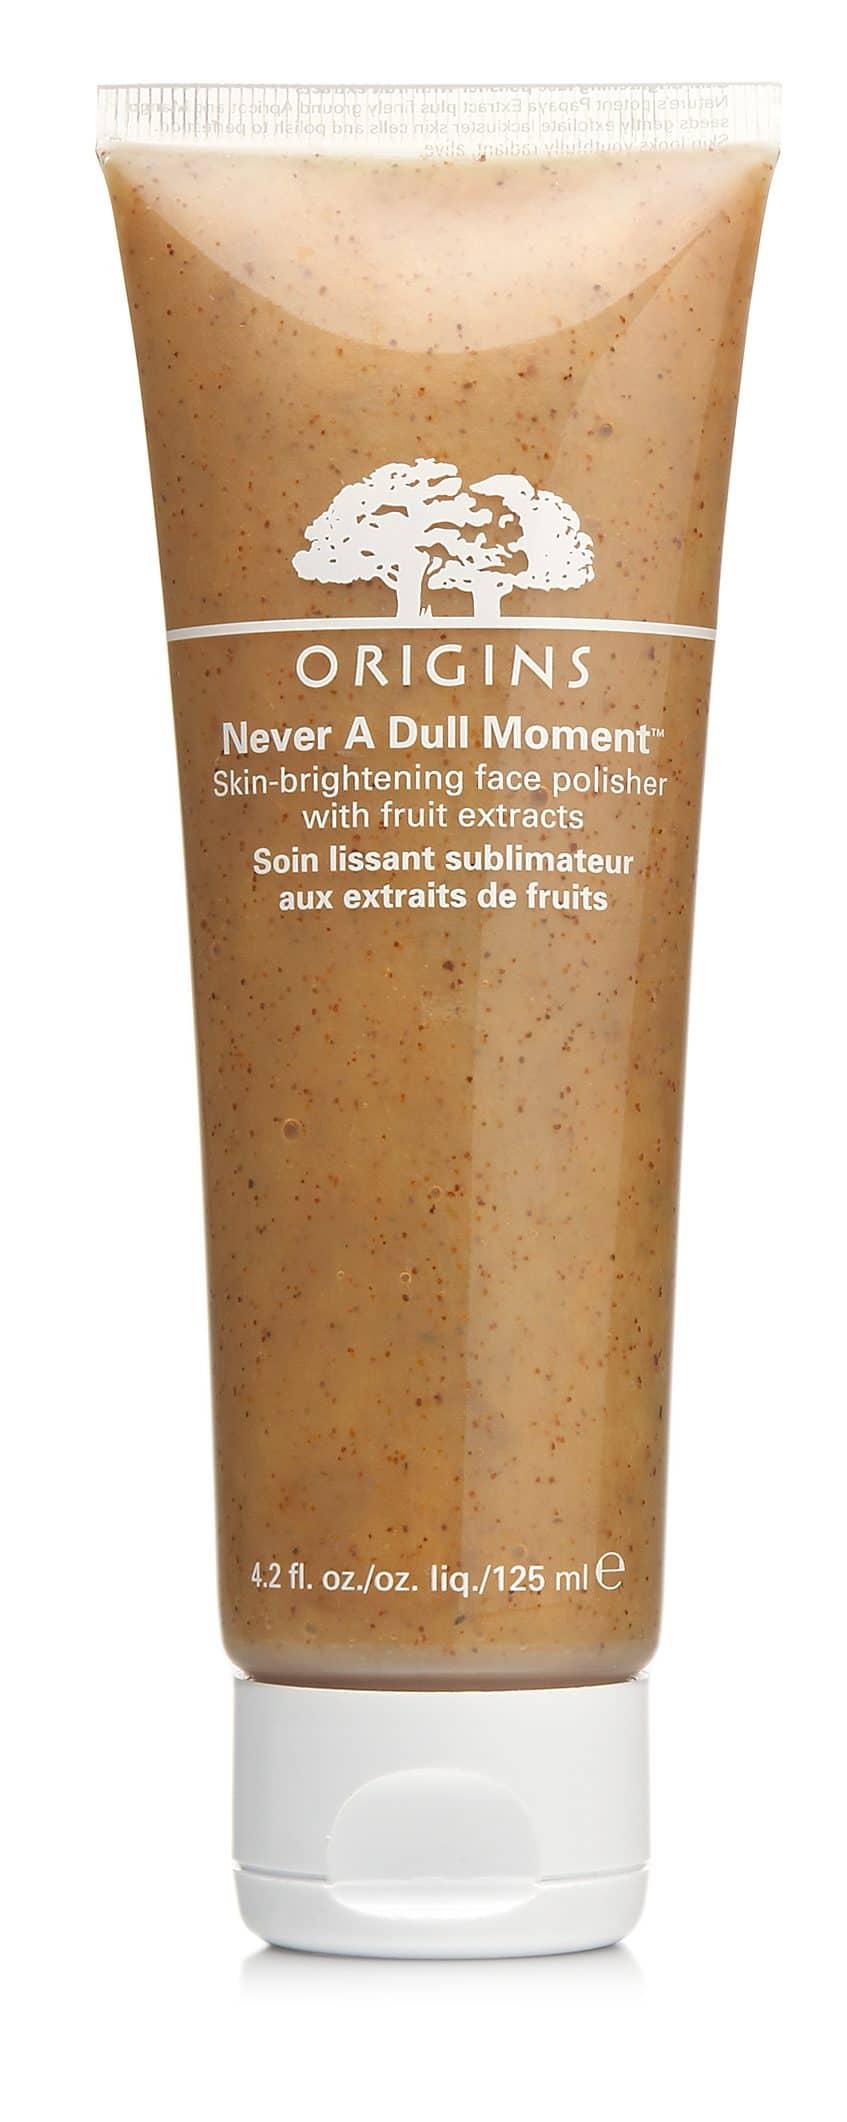 Origins arriva da Sephora con le sue linee skincare naturali: tutte le info foto e prezzi - Never A Dull Moment